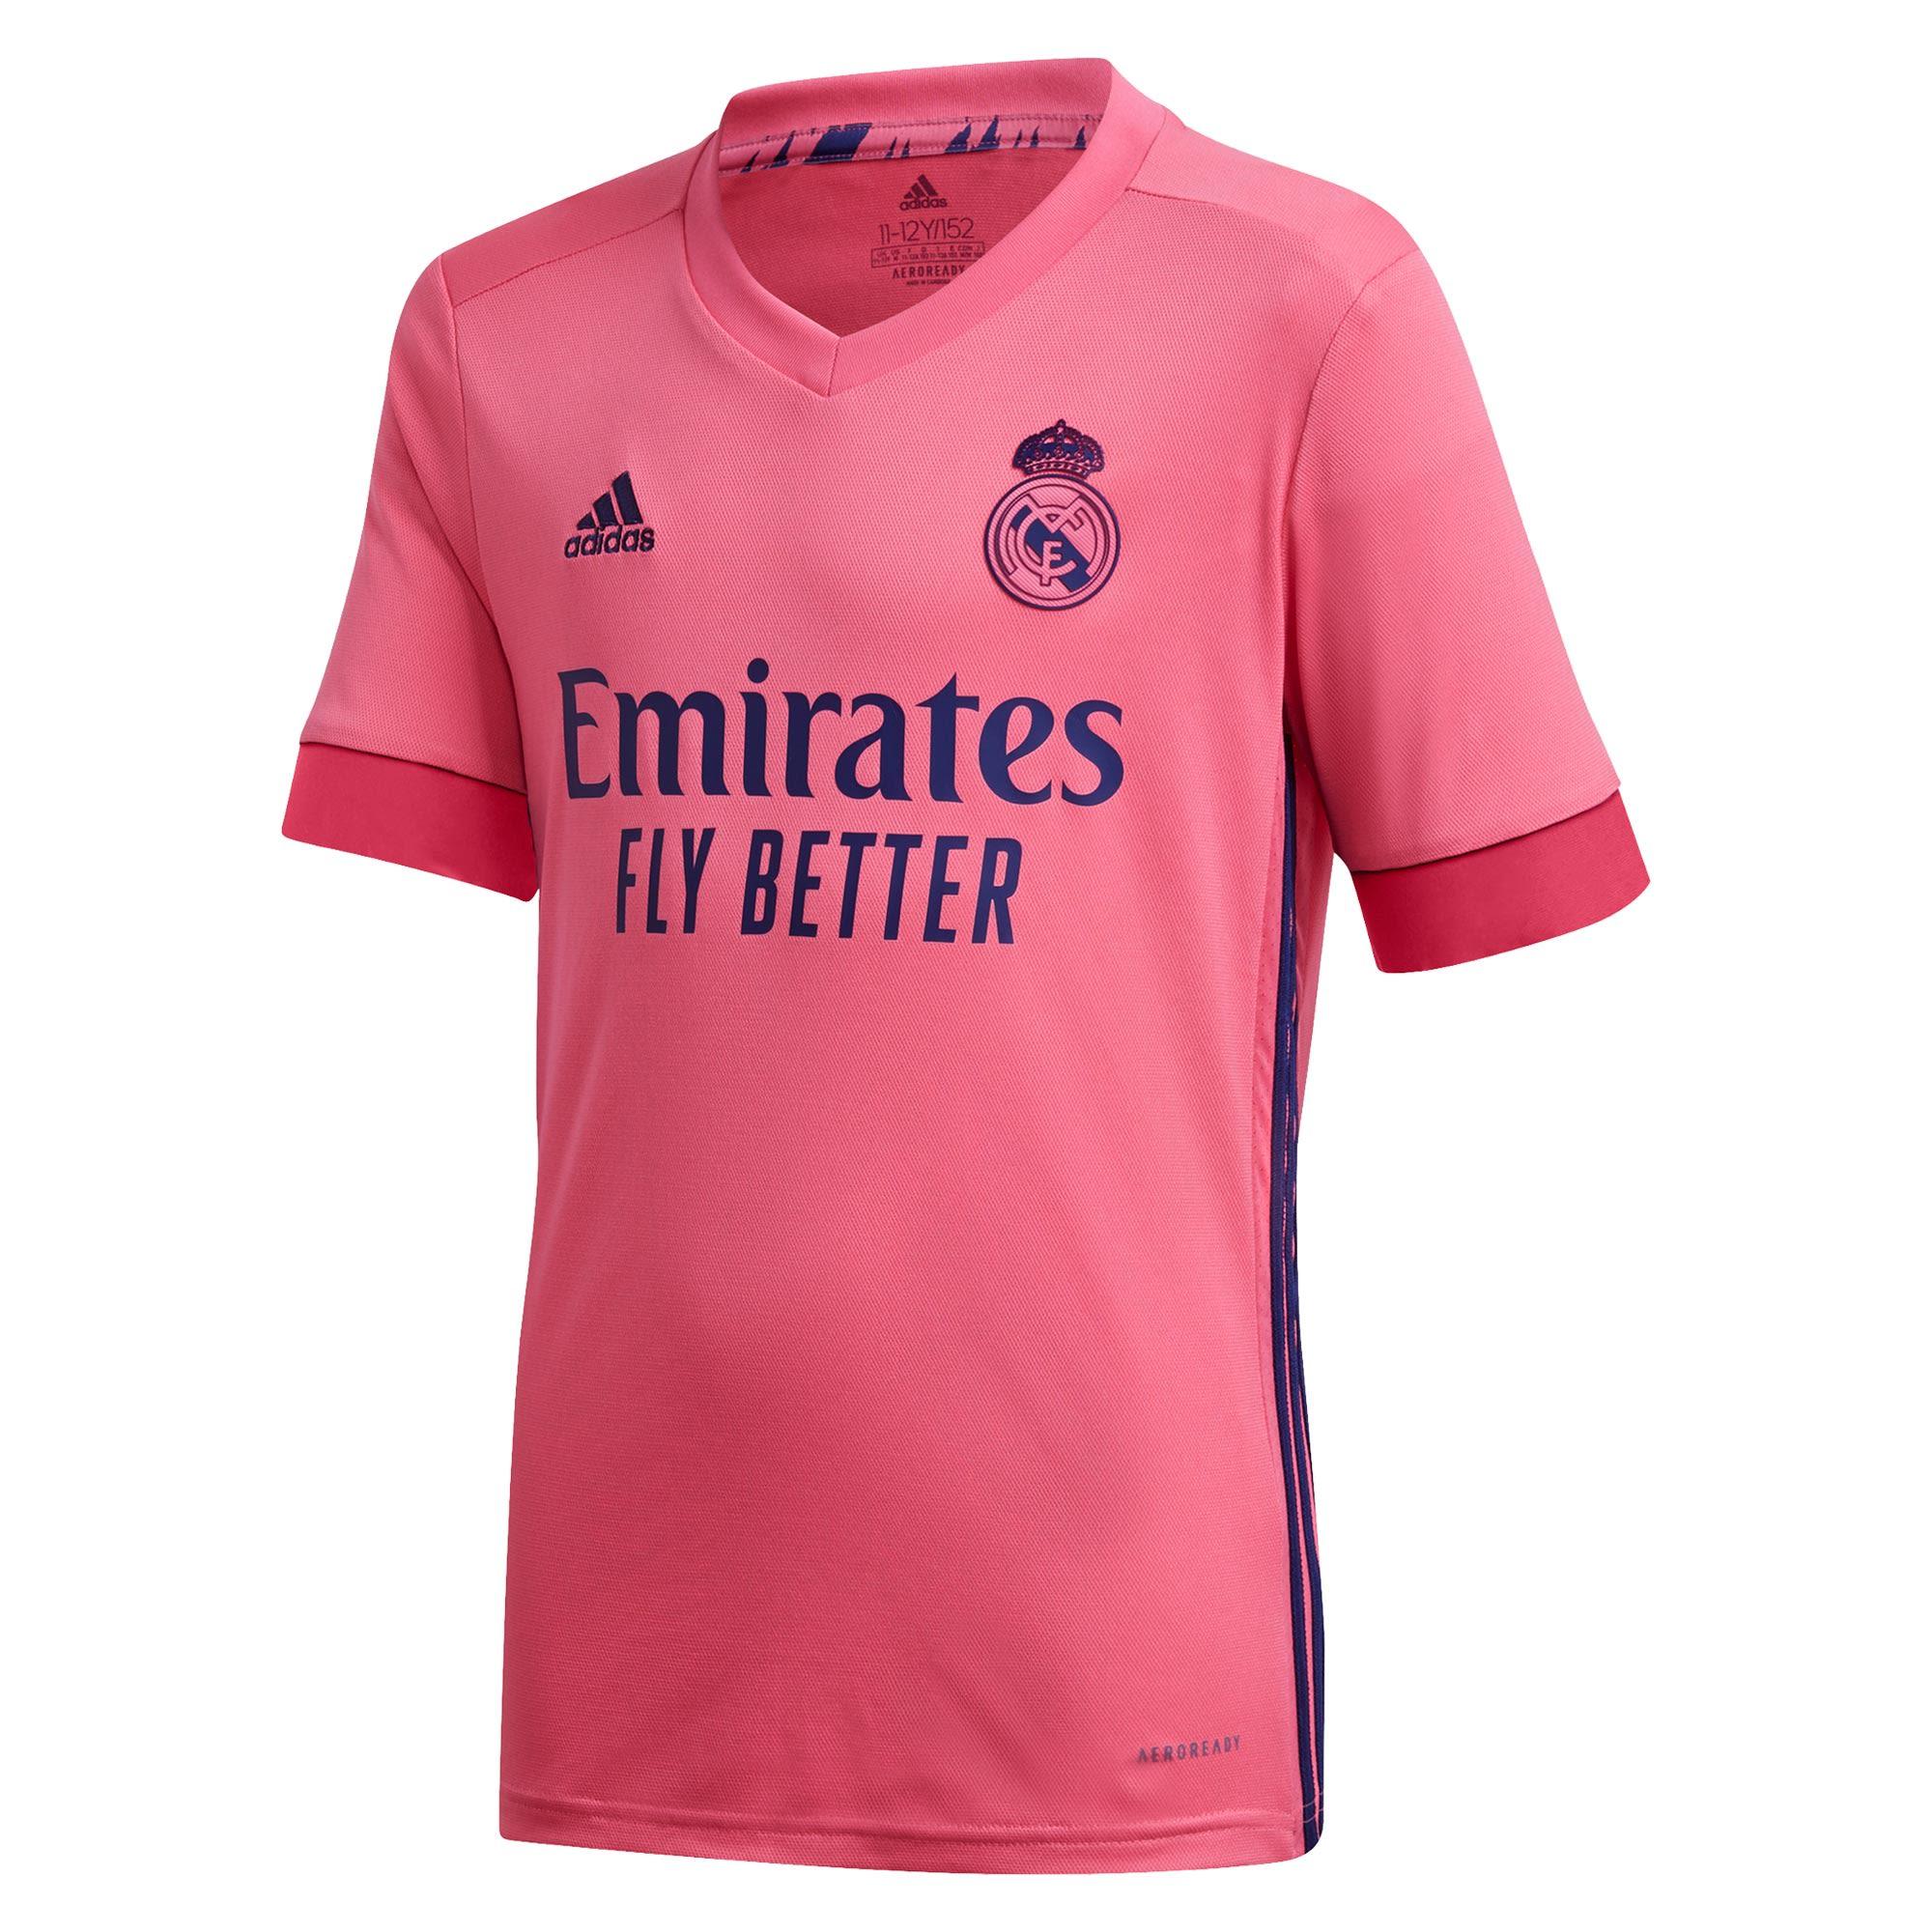 Футбольная форма Азар Реал Мадрид купить